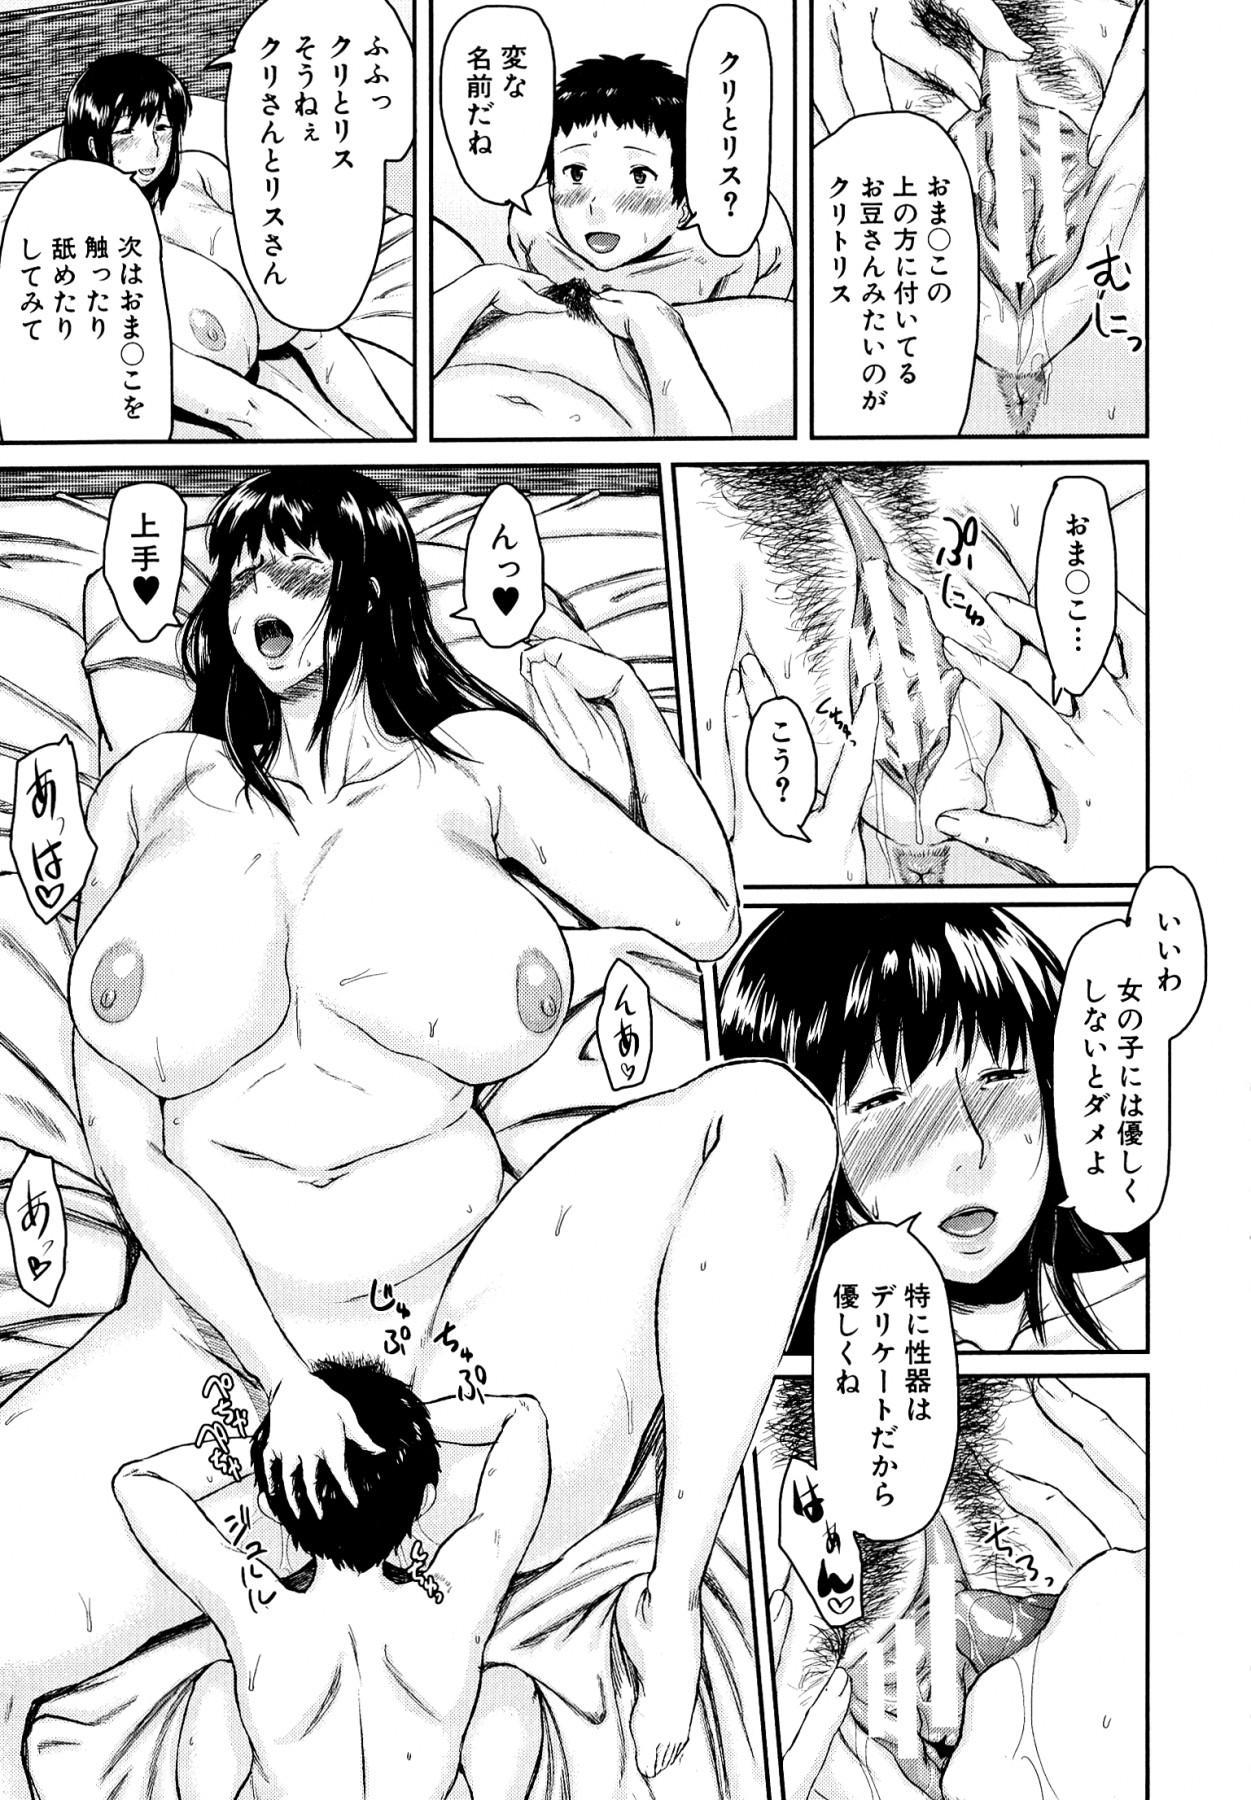 Koukan Musuko 26